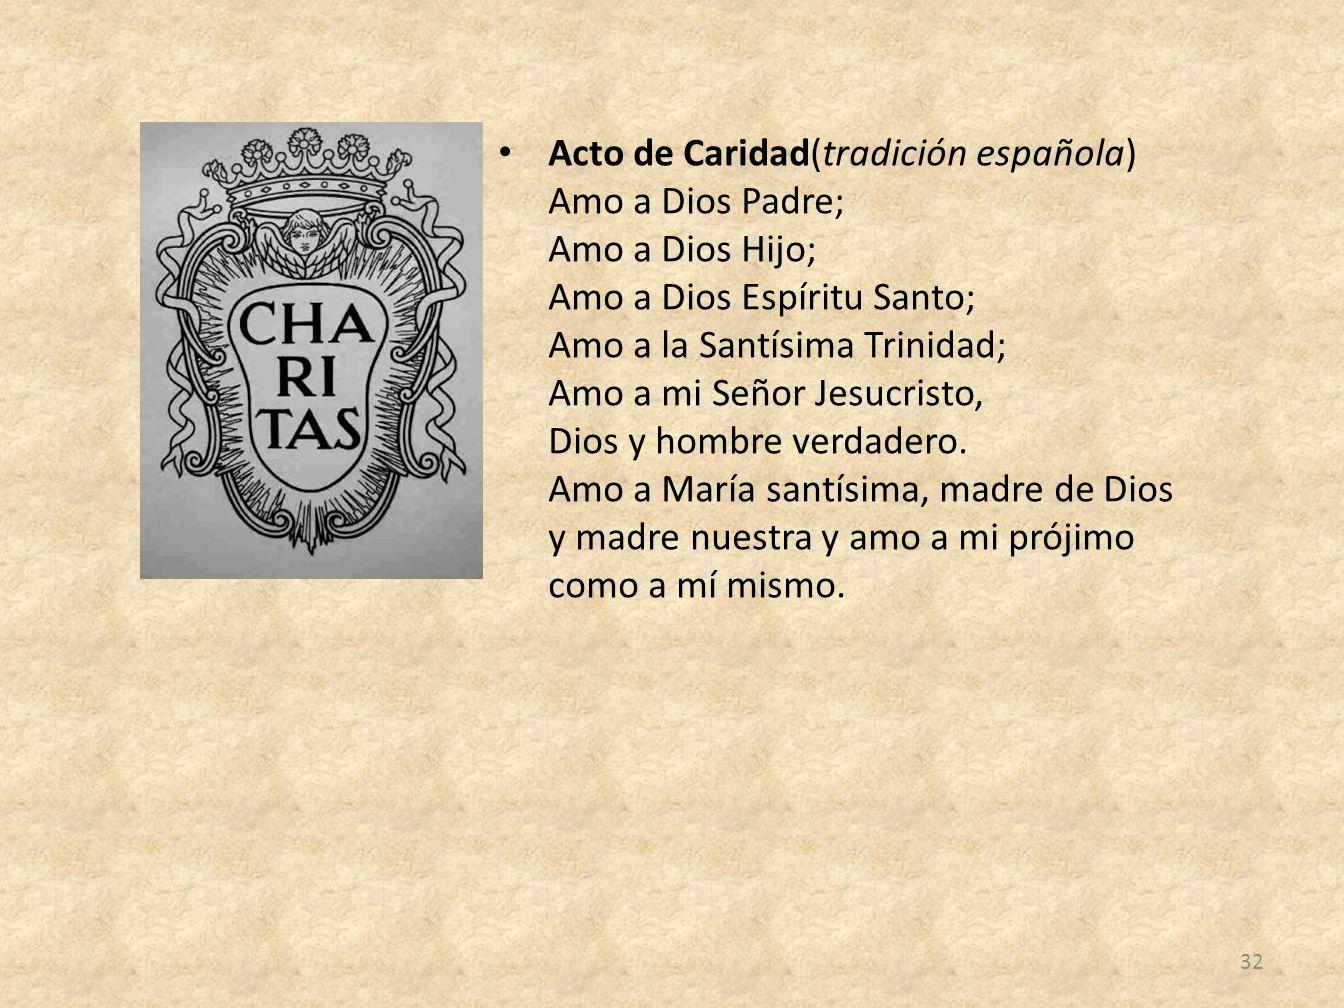 Acto de Caridad(tradición española) Amo a Dios Padre; Amo a Dios Hijo; Amo a Dios Espíritu Santo; Amo a la Santísima Trinidad; Amo a mi Señor Jesucristo, Dios y hombre verdadero.